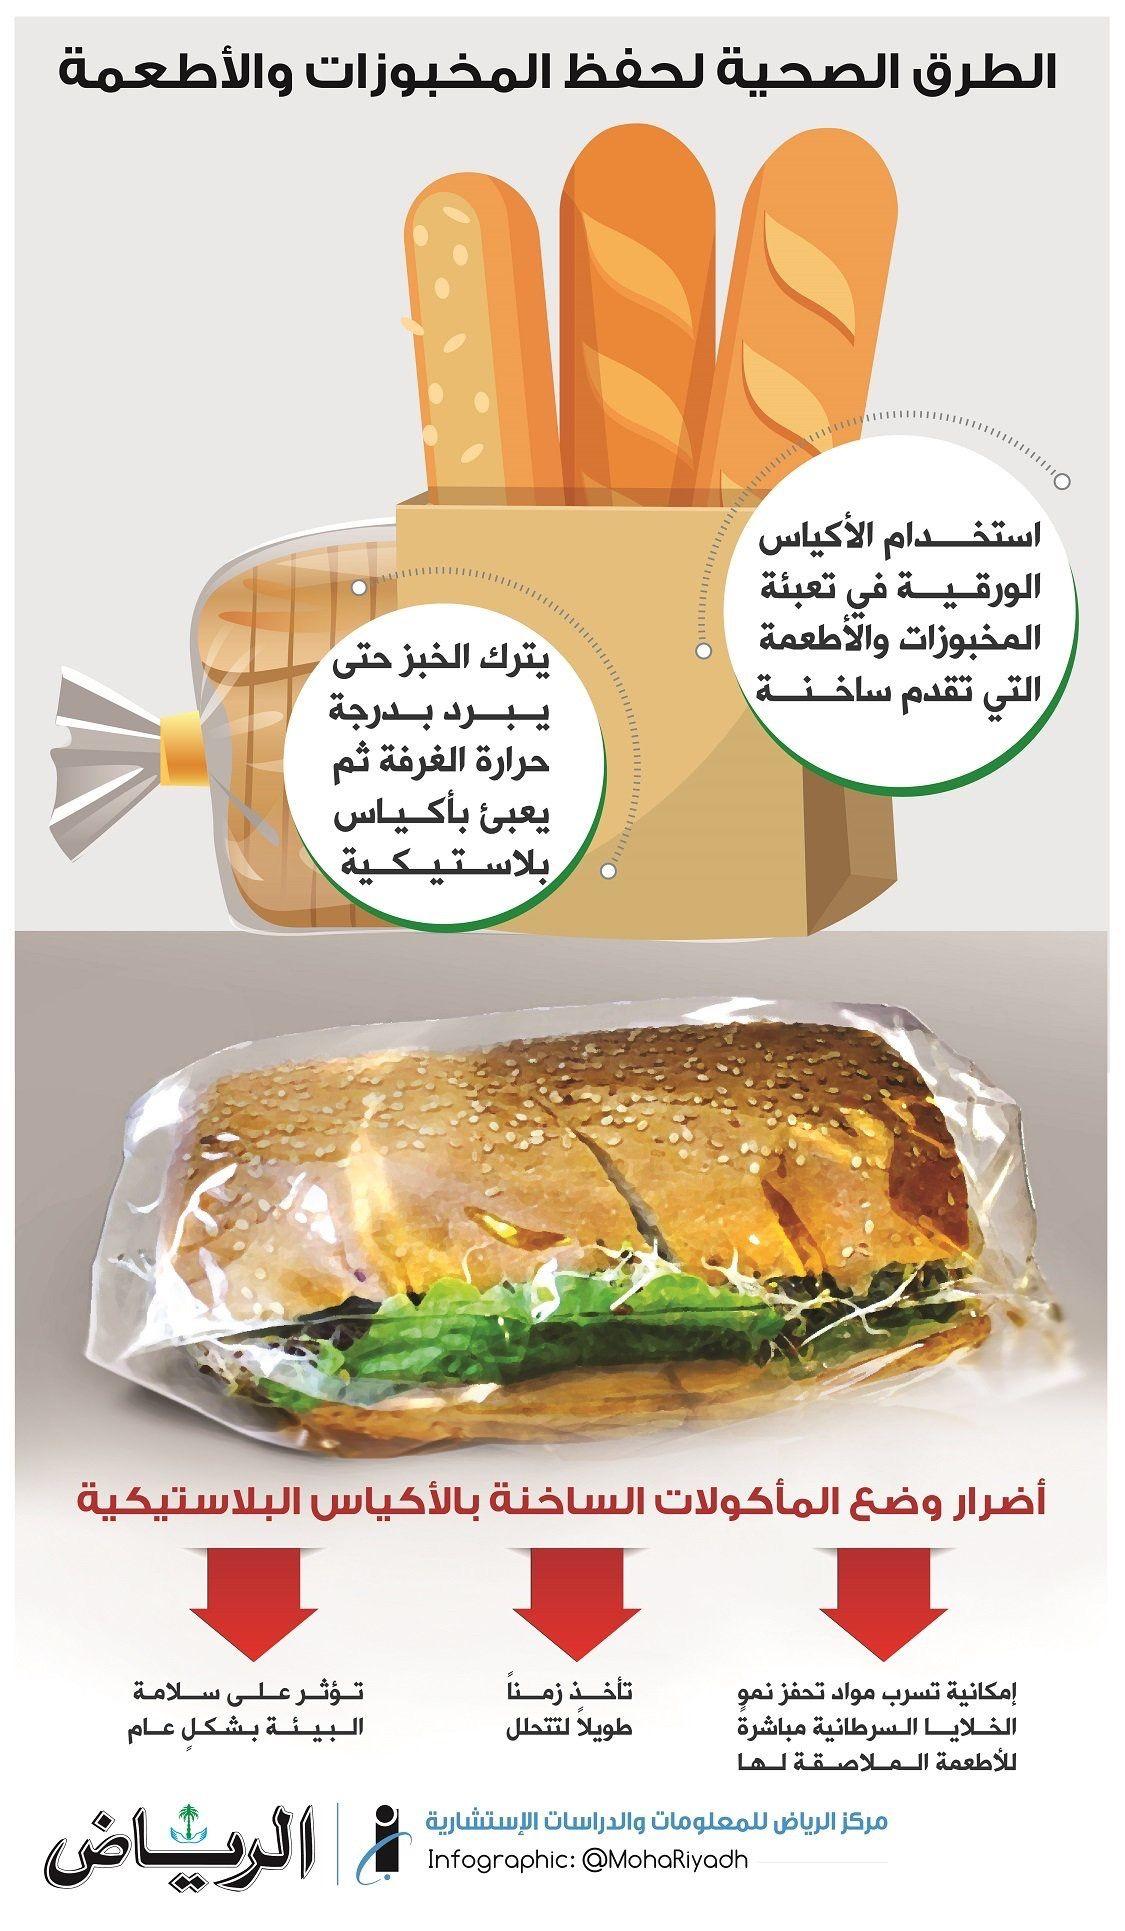 حماية المستهلك الأطعمة الساخنة في أكياس البلاستيك تنمي الخلايا السرطانية Alriyadh Com 1545009 السرطان طب Hot Dog Buns Food Snack Recipes